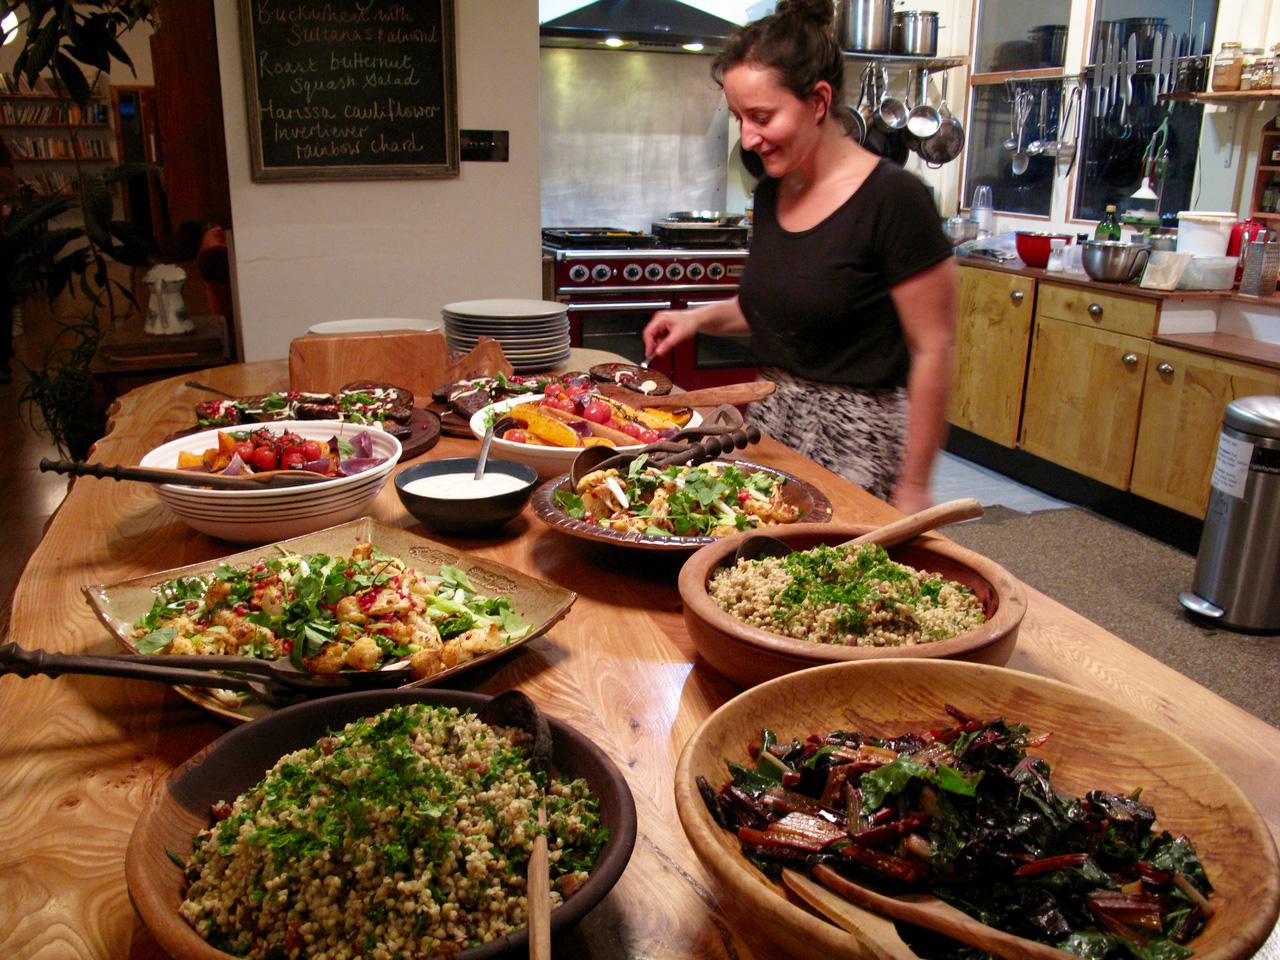 Yoga Explorers yoga retreat in Scotland - organic vegetarian and vegan food